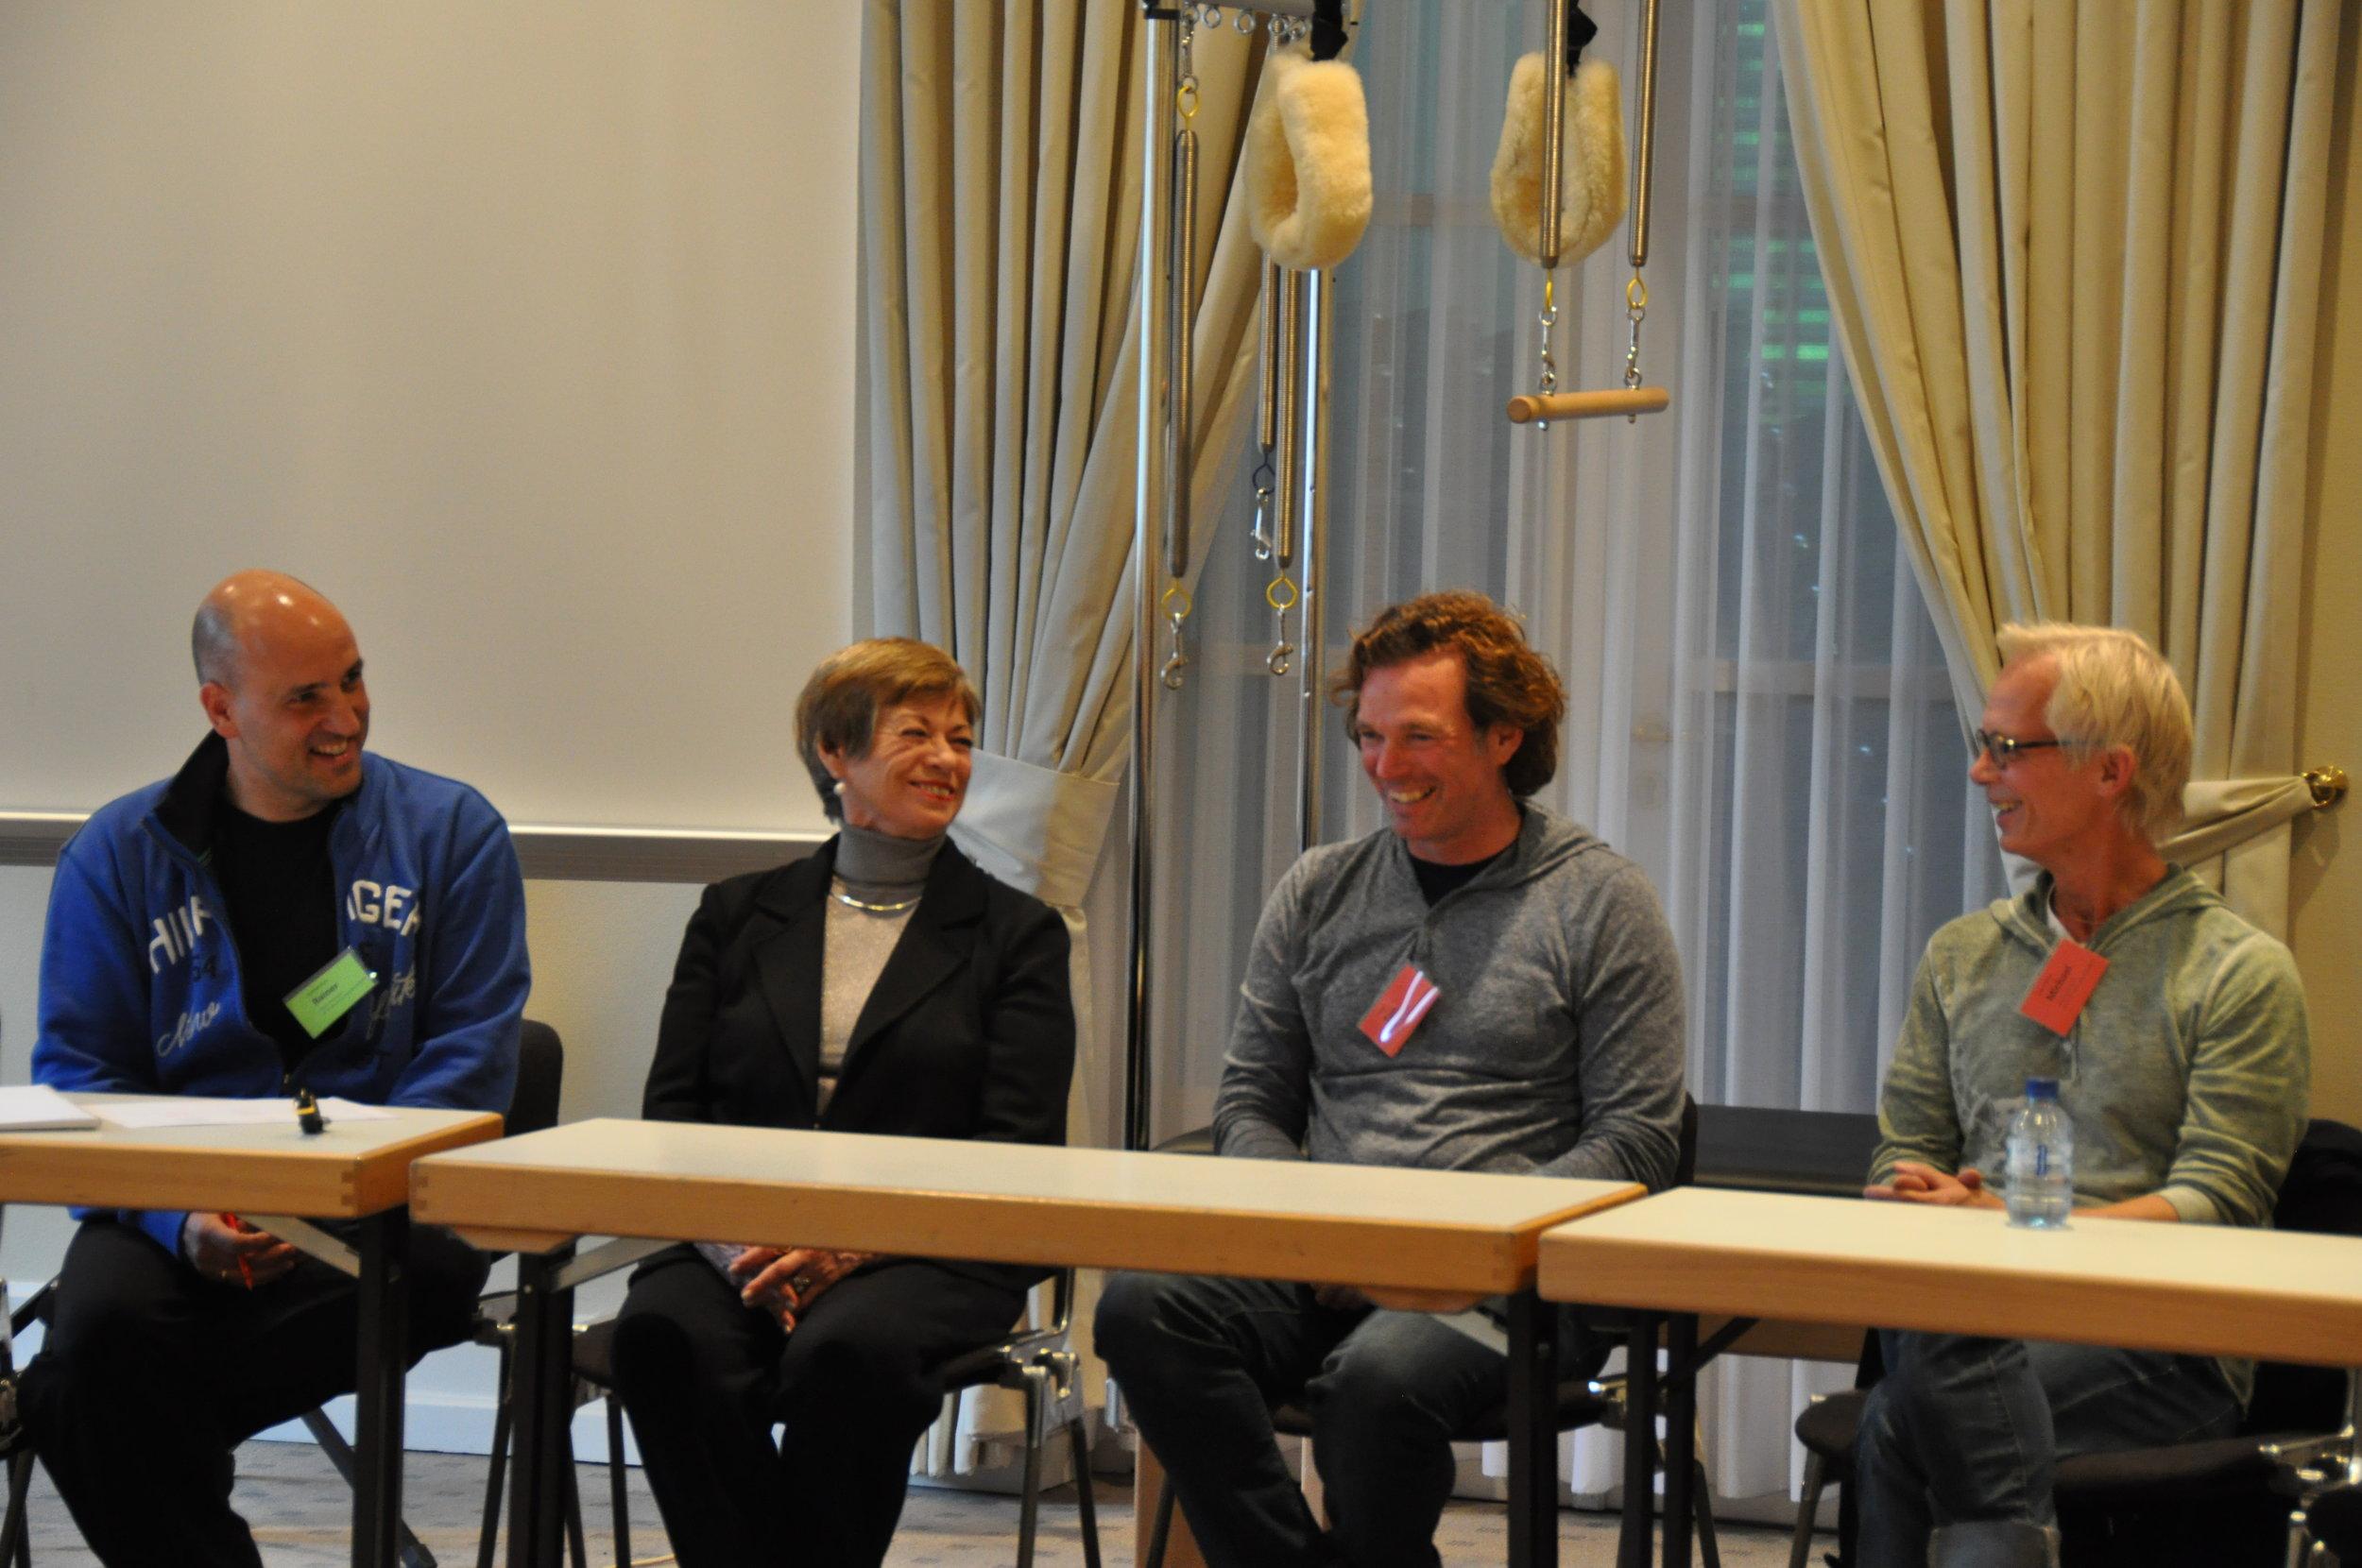 Von links: Reiner Grootenhuis, Lolita San Miguel, Ton Voogt, Michael Fritzke